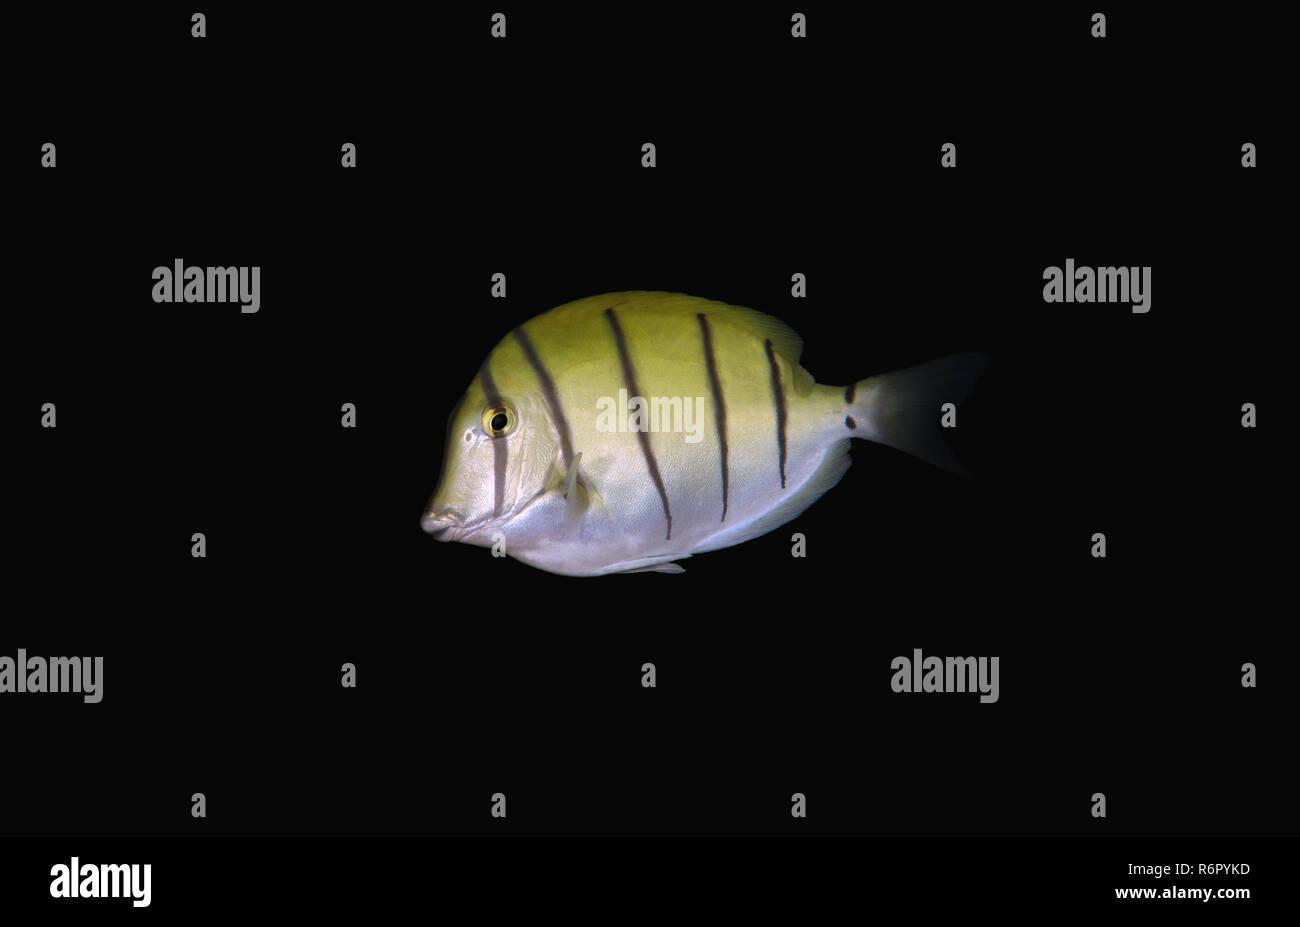 Convict tang, Convict surgeon or Convict surgeonfish (Acanthurus triostegus) Indian Ocean, Hikkaduwa, Sri Lanka, South Asia - Stock Image